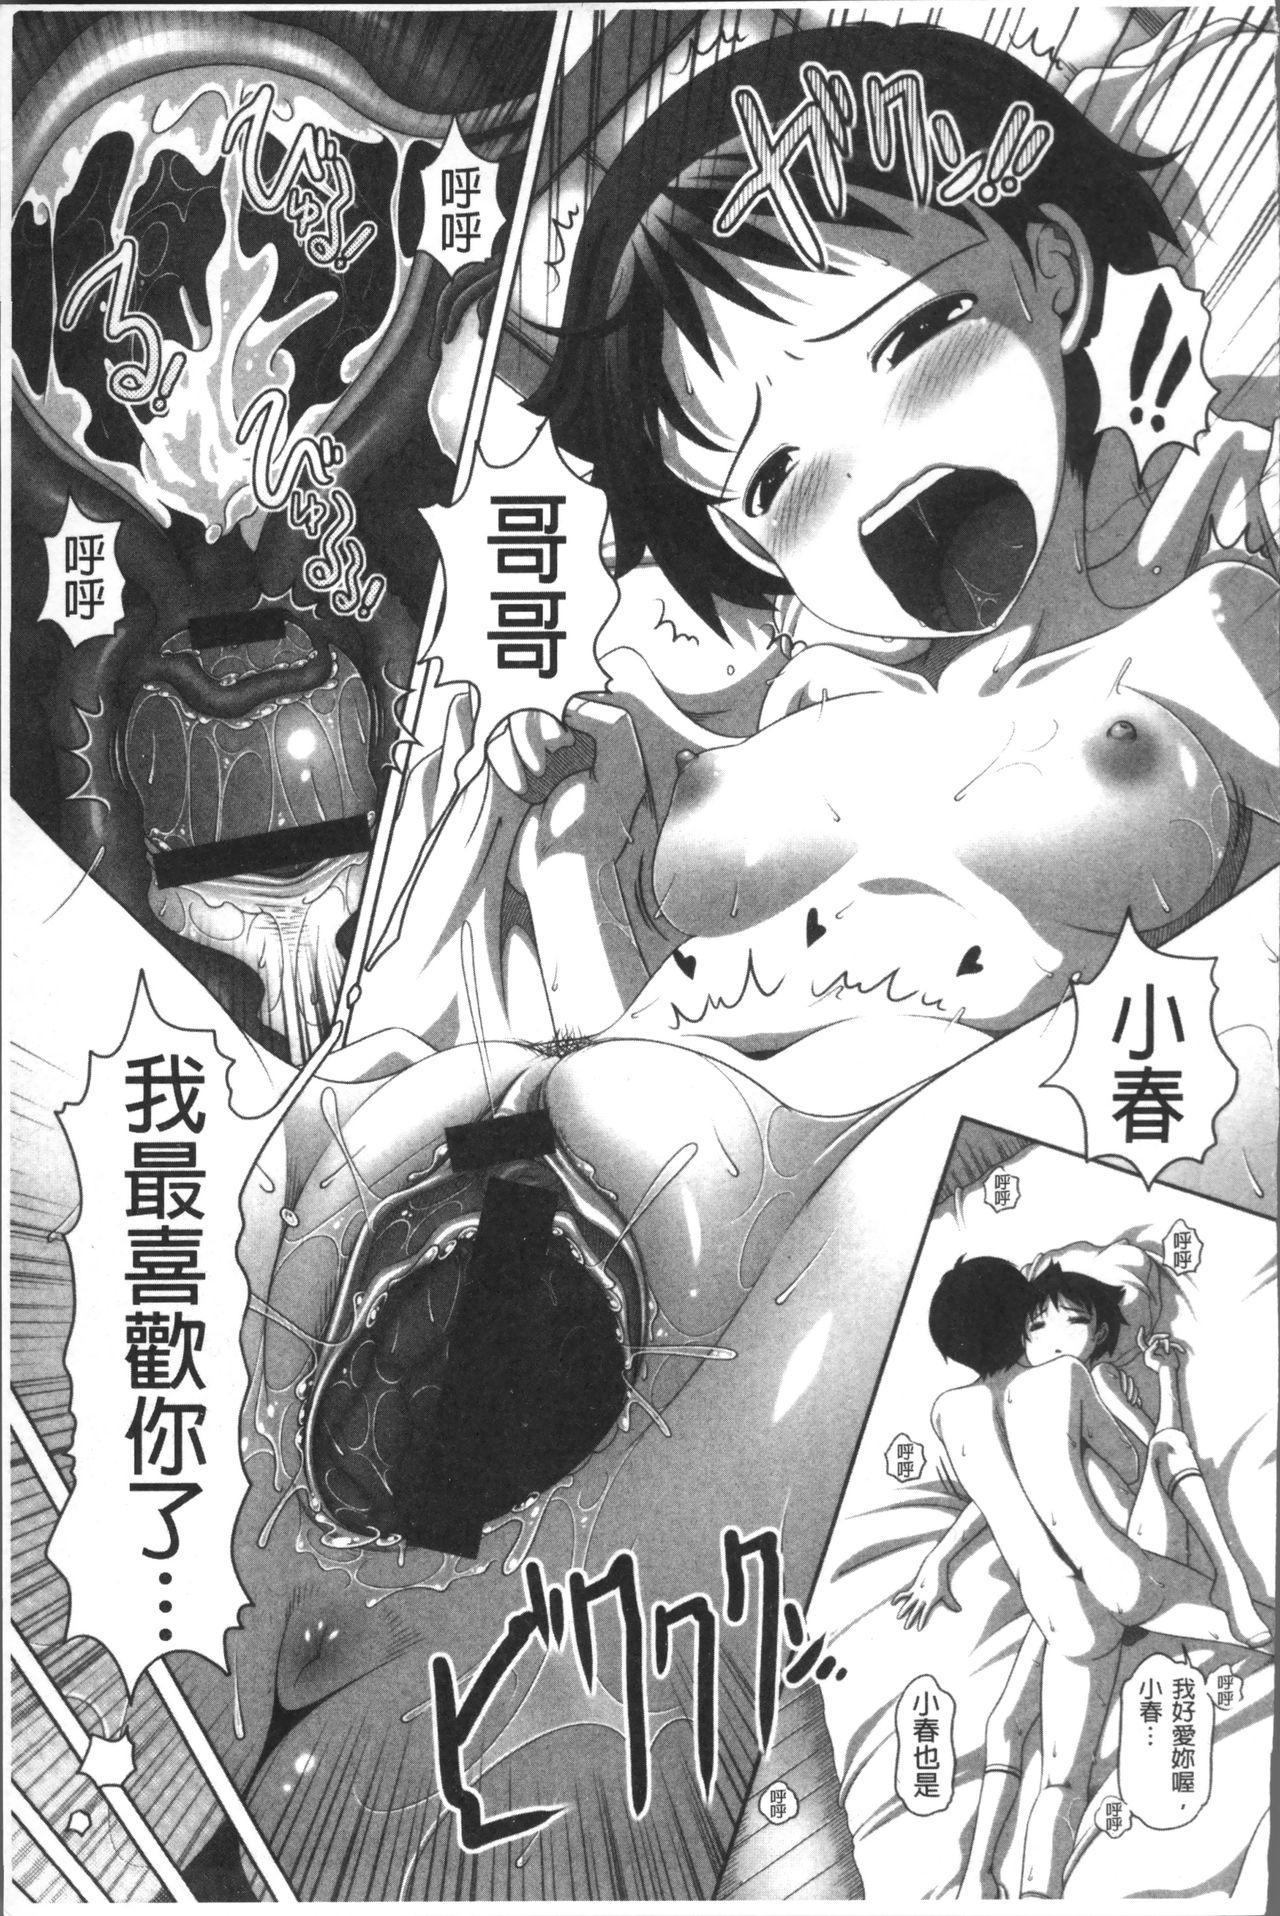 Ookii no? Chiisai no? Soretomo Chuukkurai? 159